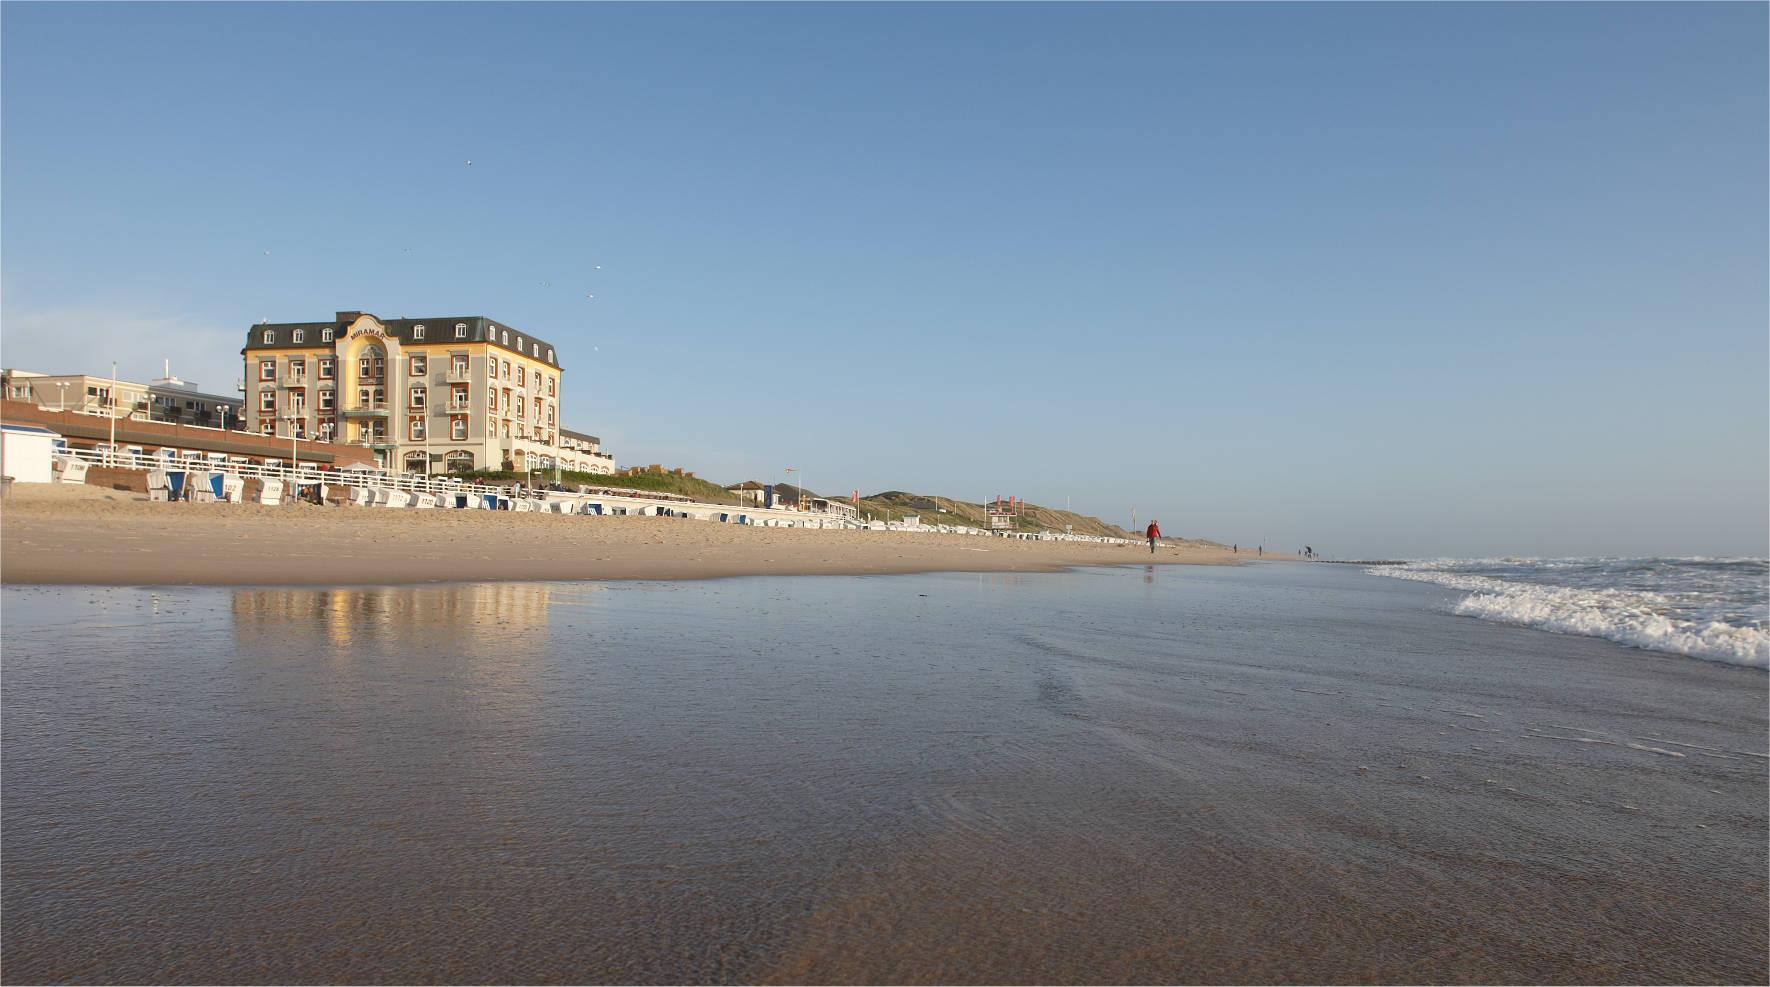 Hotel Miramar Das Kleine Grand Am Meer Hotel Miramar Home